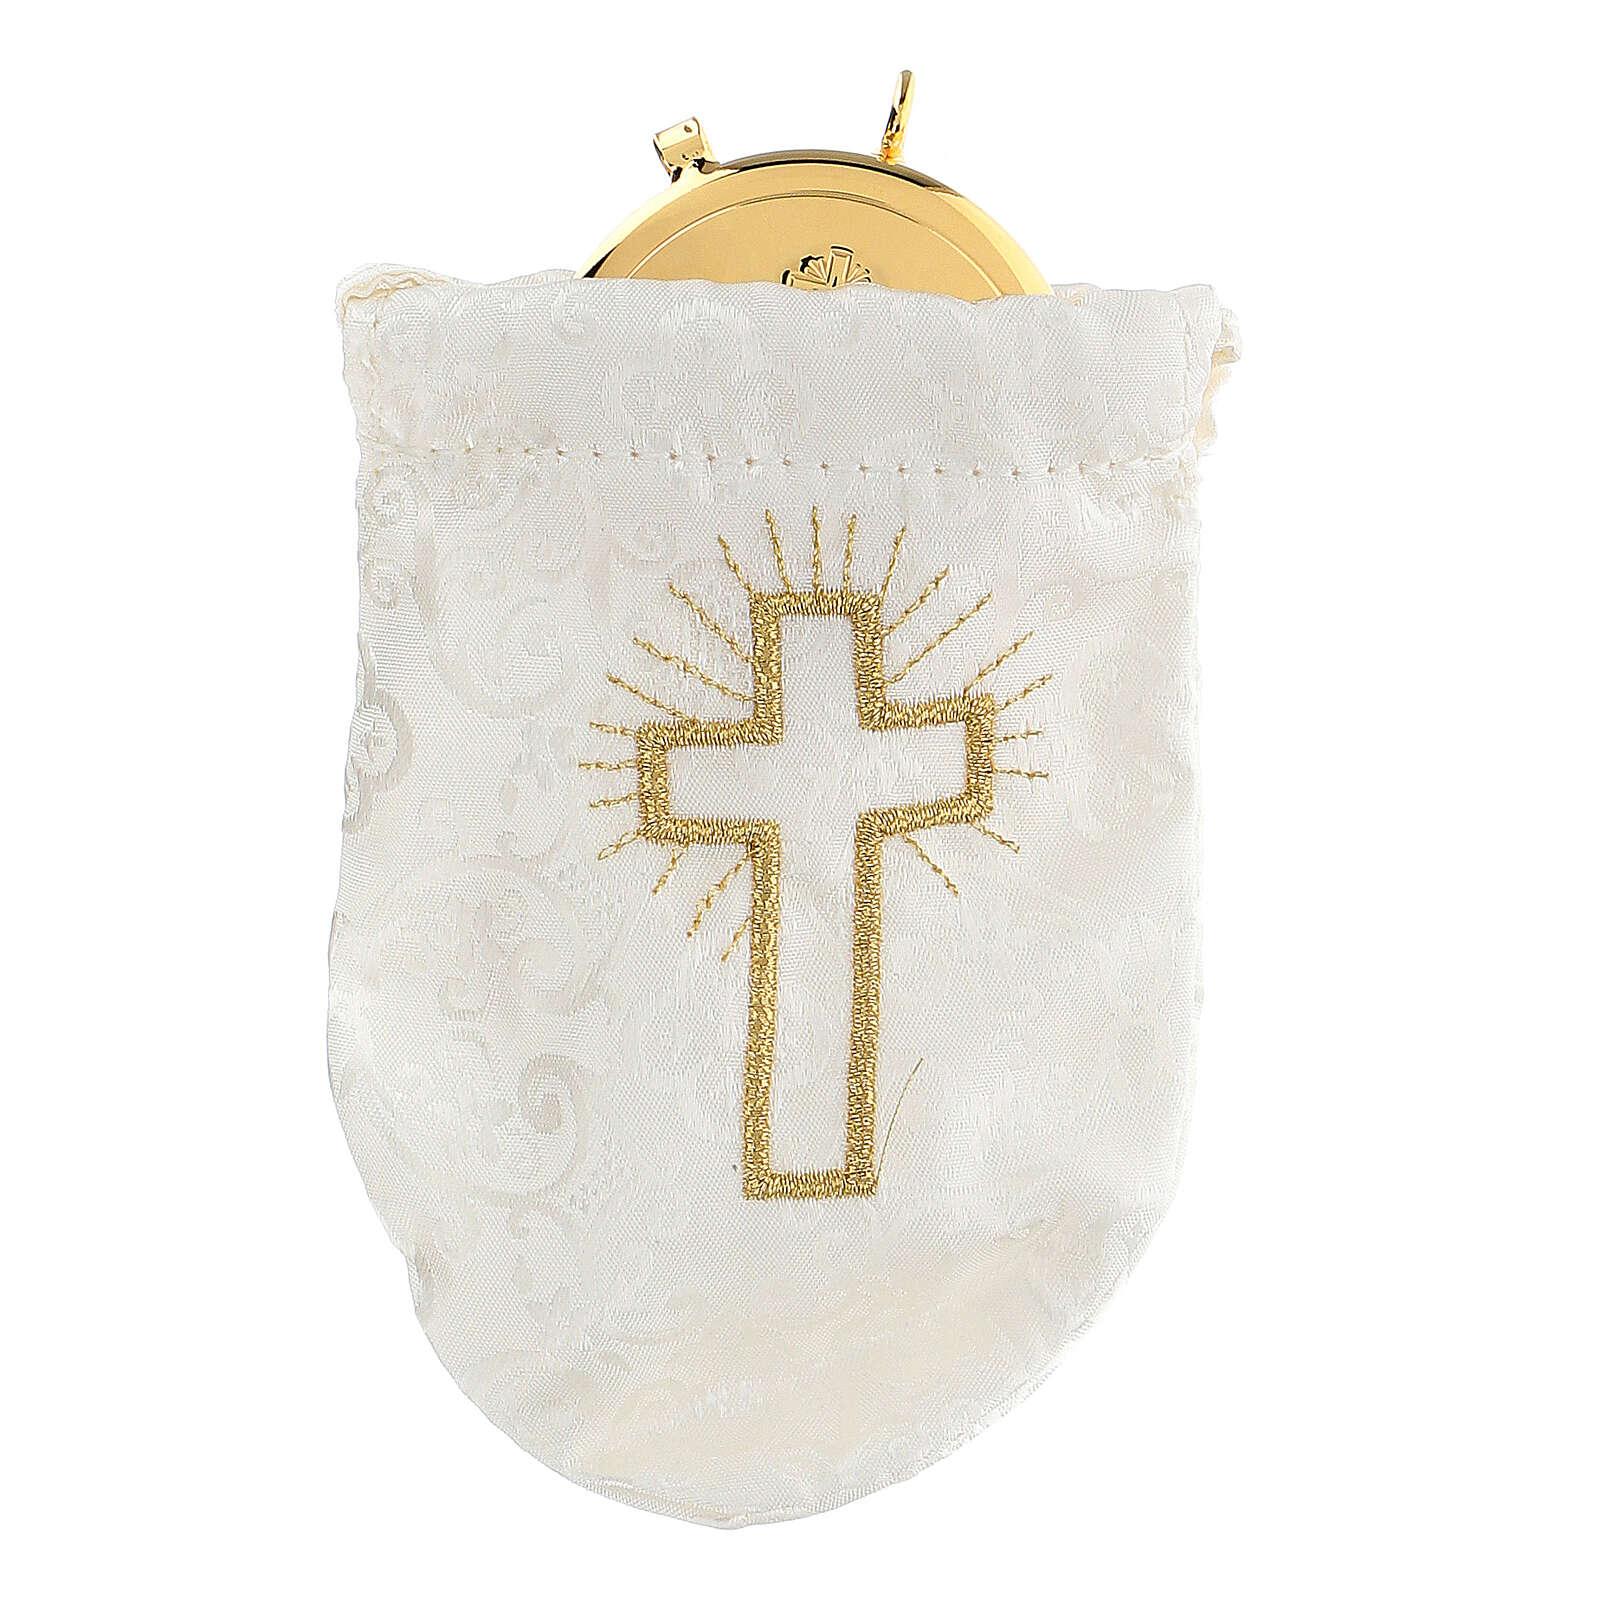 Sacchetto porta teca in jacquard bianco teca 8 cm 3